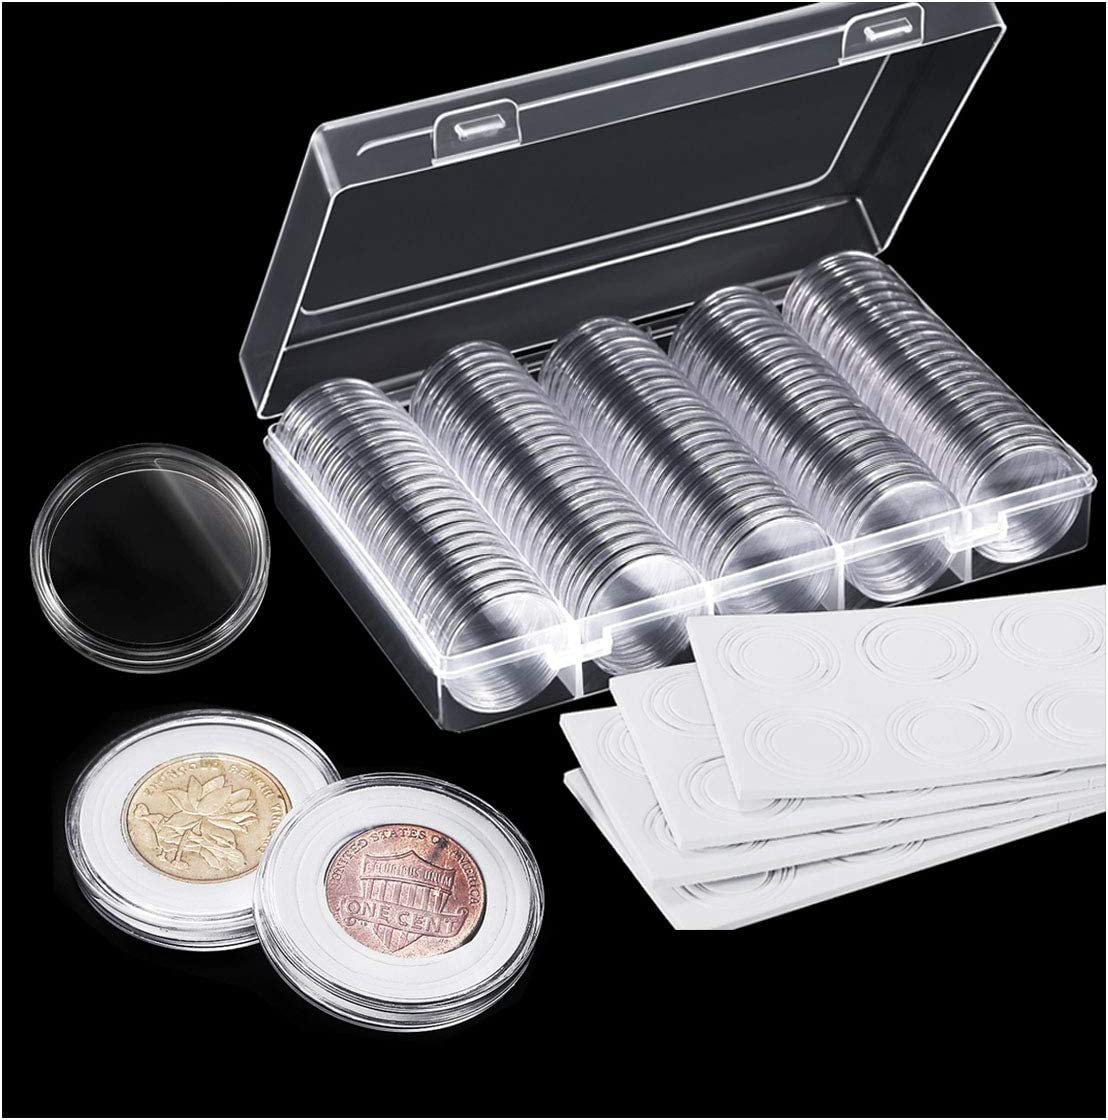 Osuter 100PCS Colección de Monedas Plastico Cápsulas de Monedas con Caja de Almacenamiento para Recolección de Monedas: Amazon.es: Juguetes y juegos